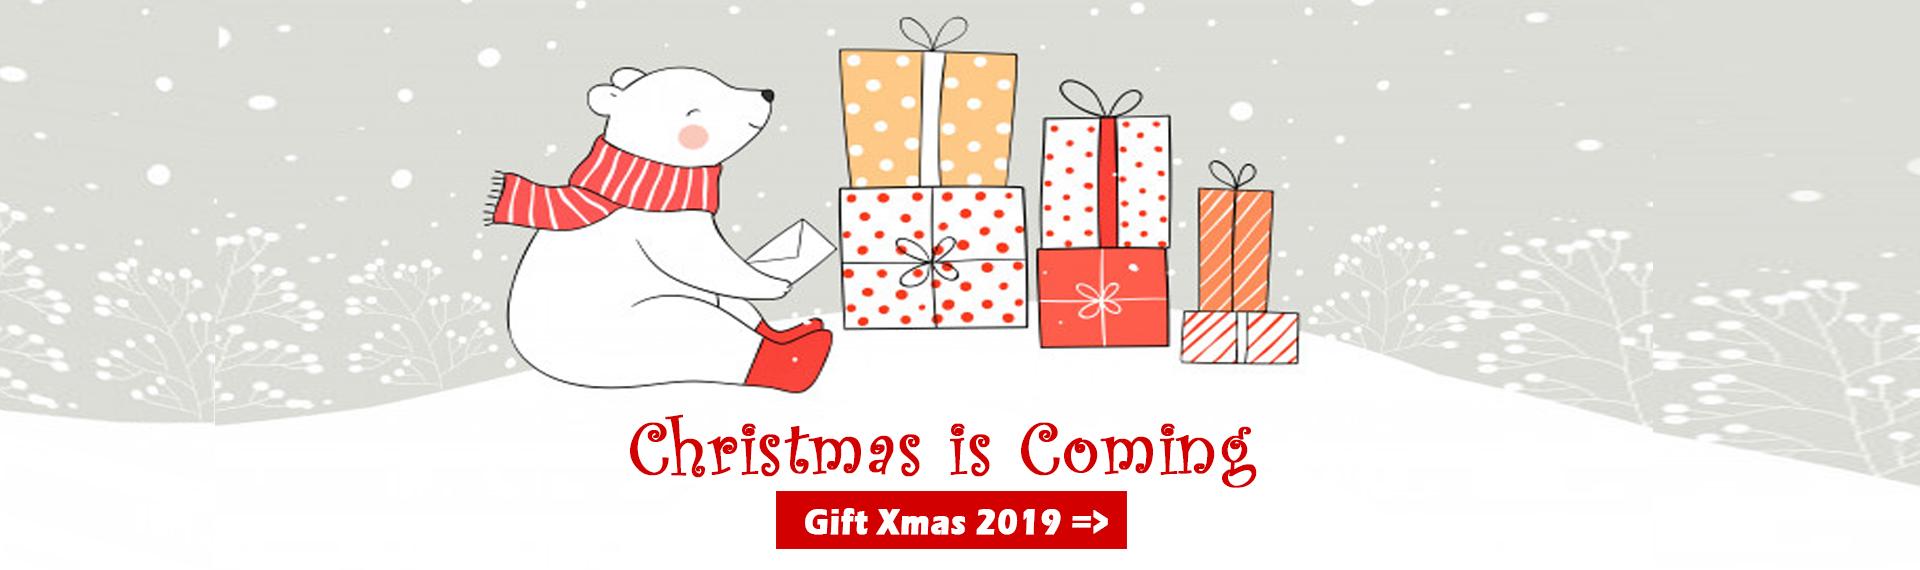 Quà tặng giáng sinh 2019